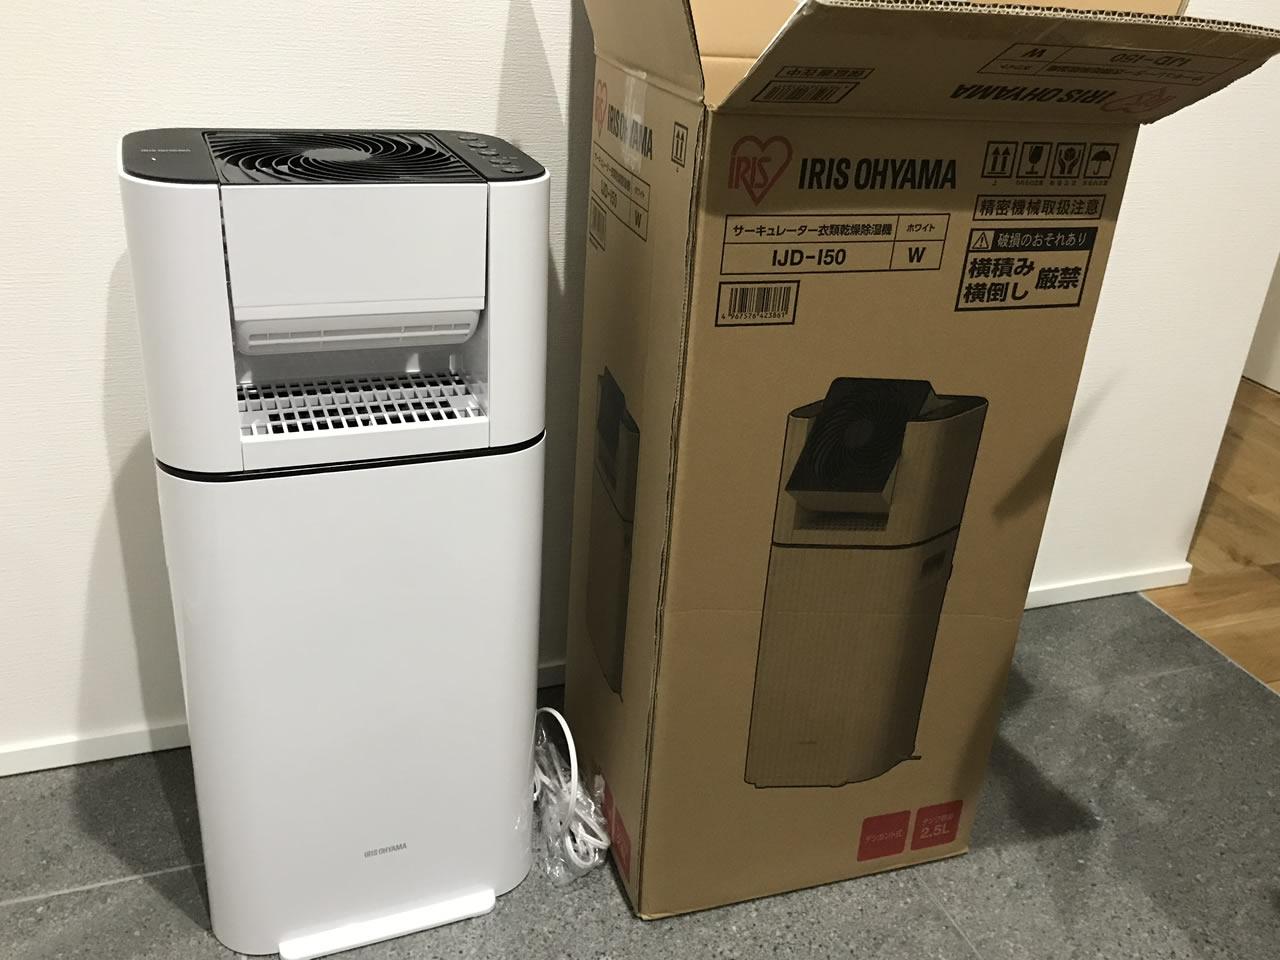 アイリスオーヤマの除湿機・サーキュレーター衣類乾燥機IJD-150を箱から出してみた